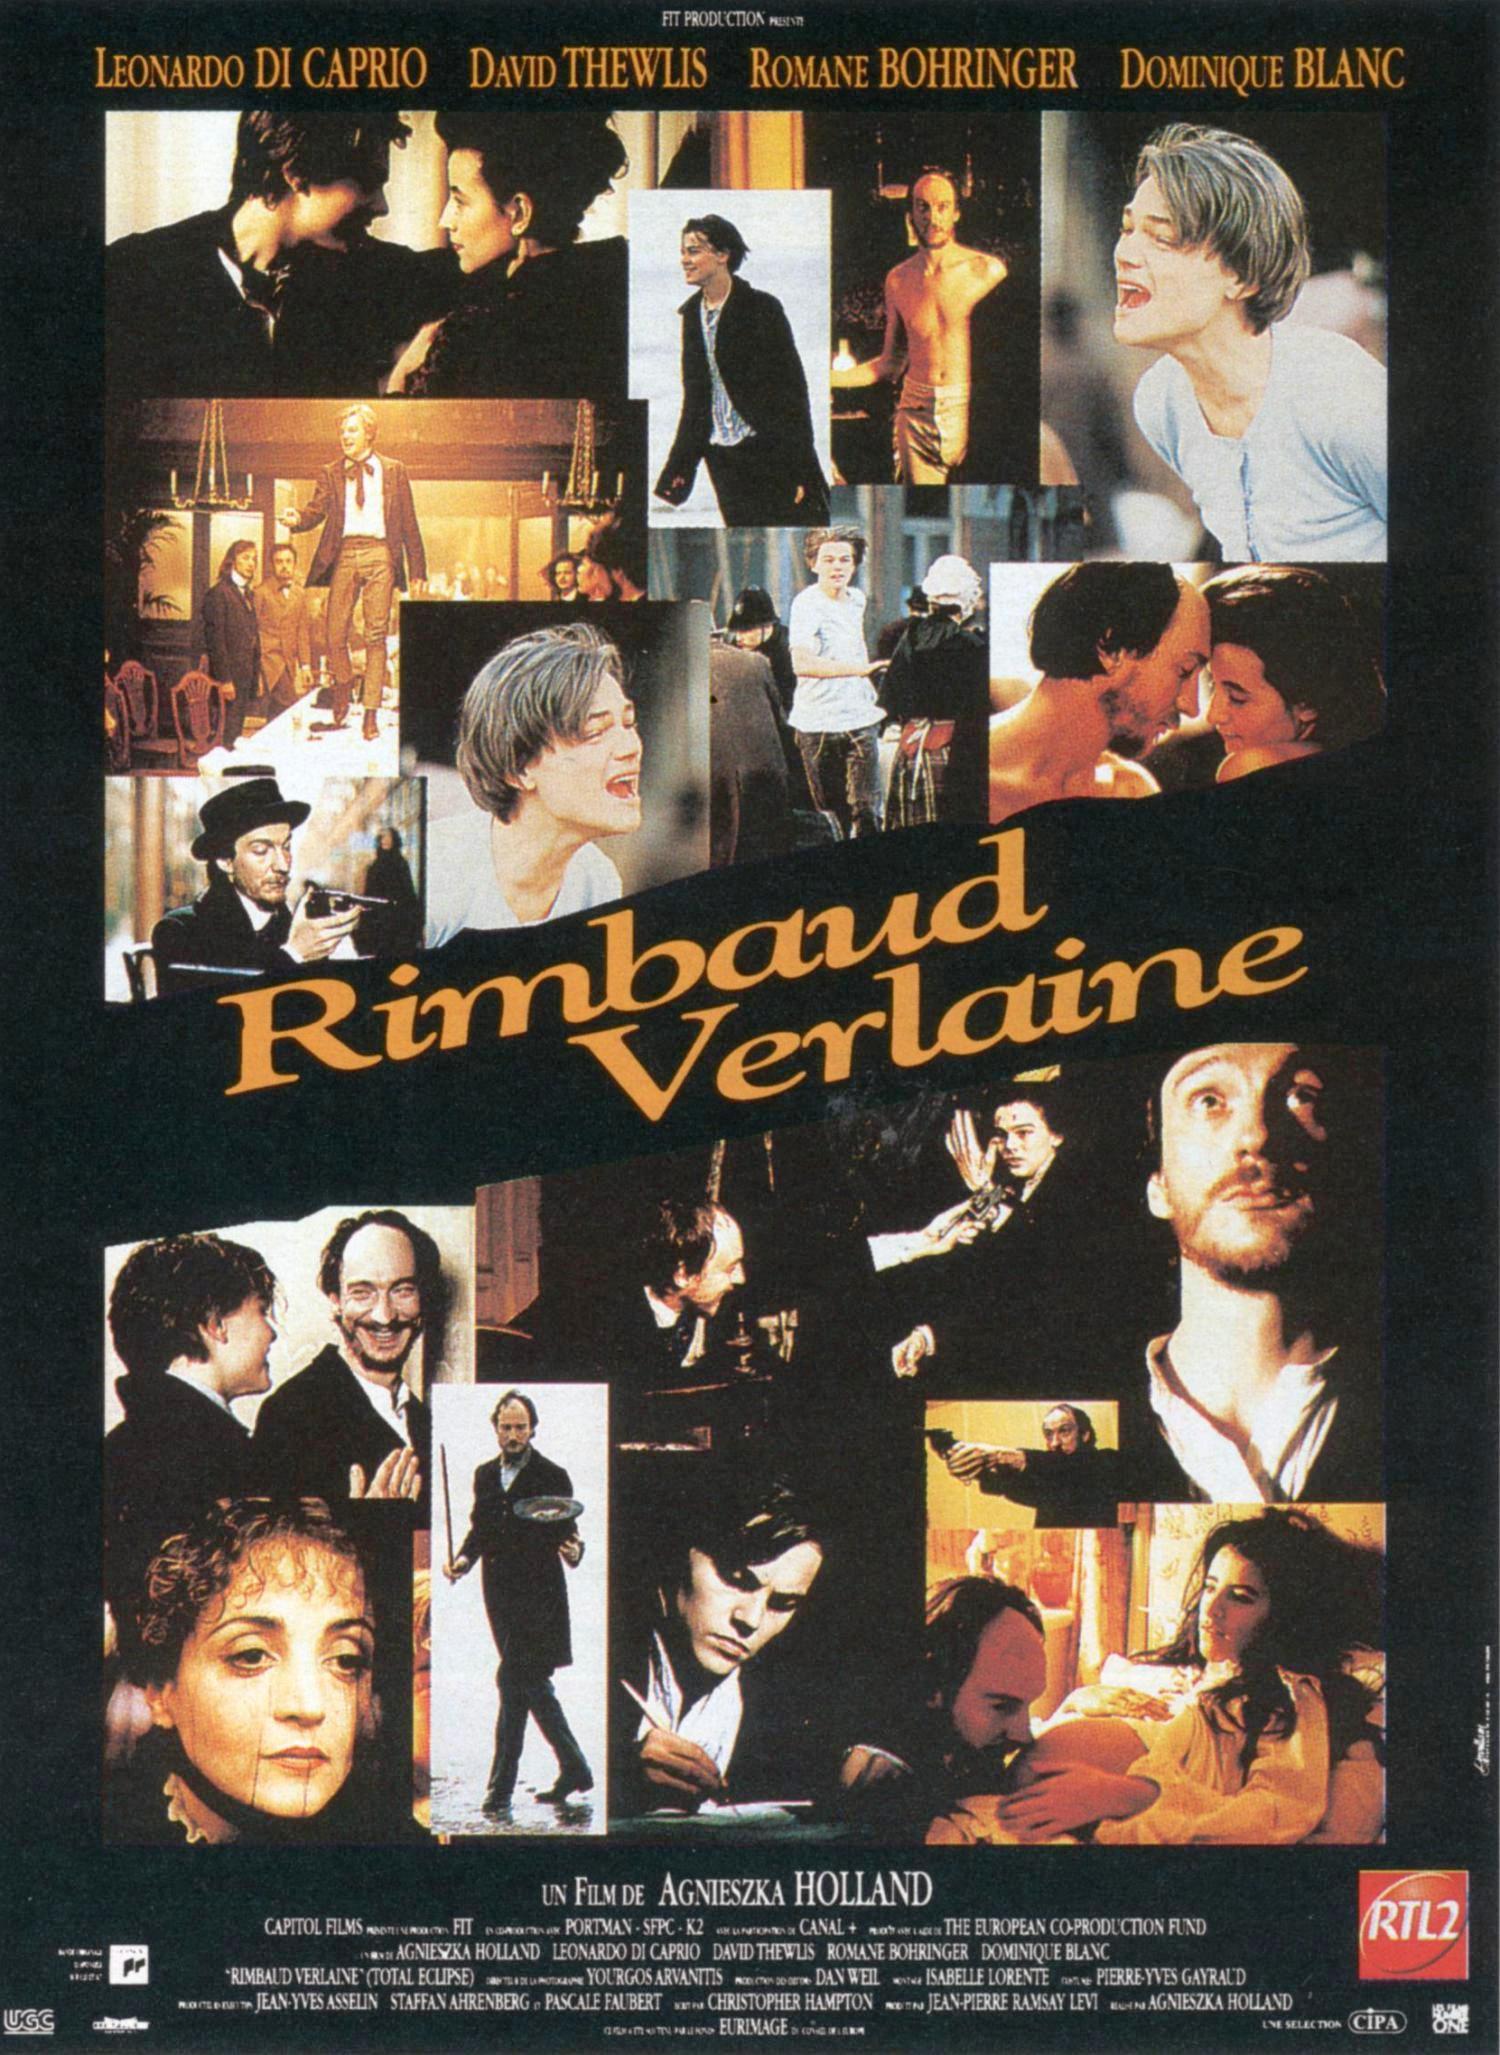 affiche du film Rimbaud Verlaine